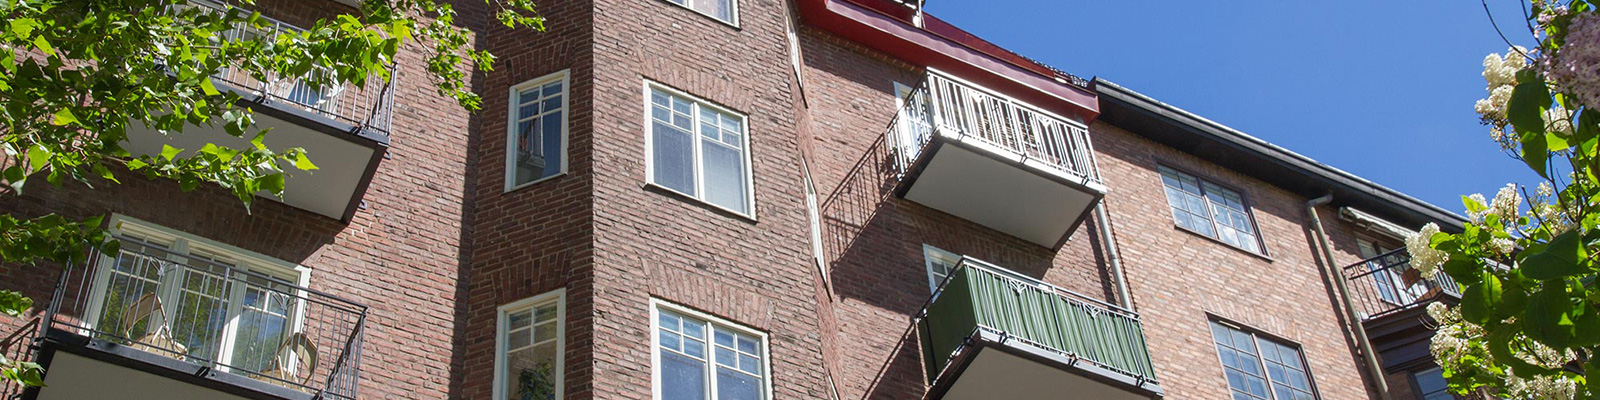 Bygga balkonger mot gatan